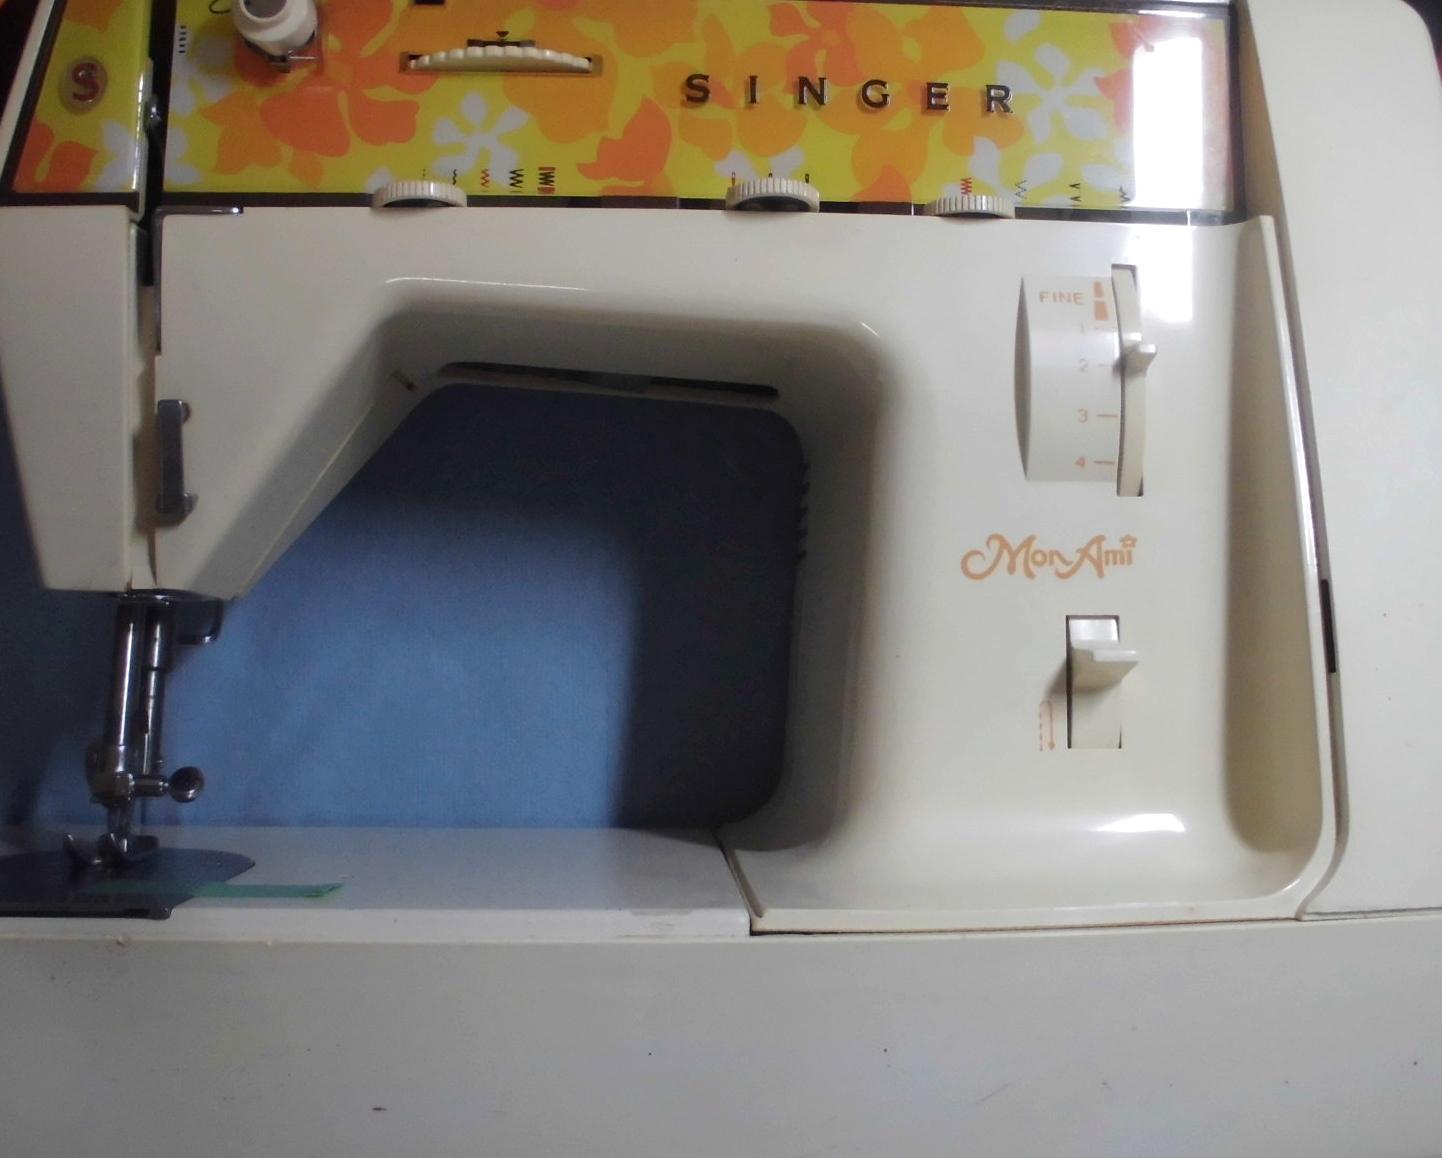 シンガーミシン修理|MonAmi384|動かない、縫えない、部品の破損、部品の交換